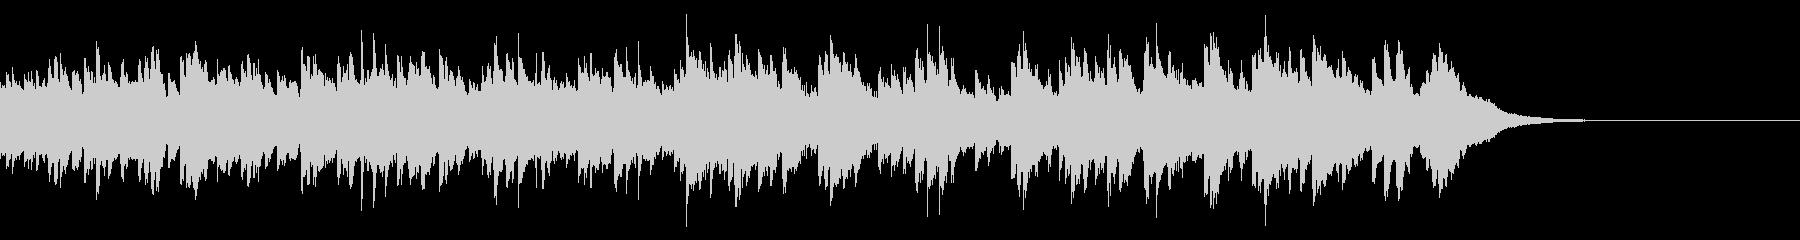 儚くせつないセンチメンタルなオルゴール曲の未再生の波形